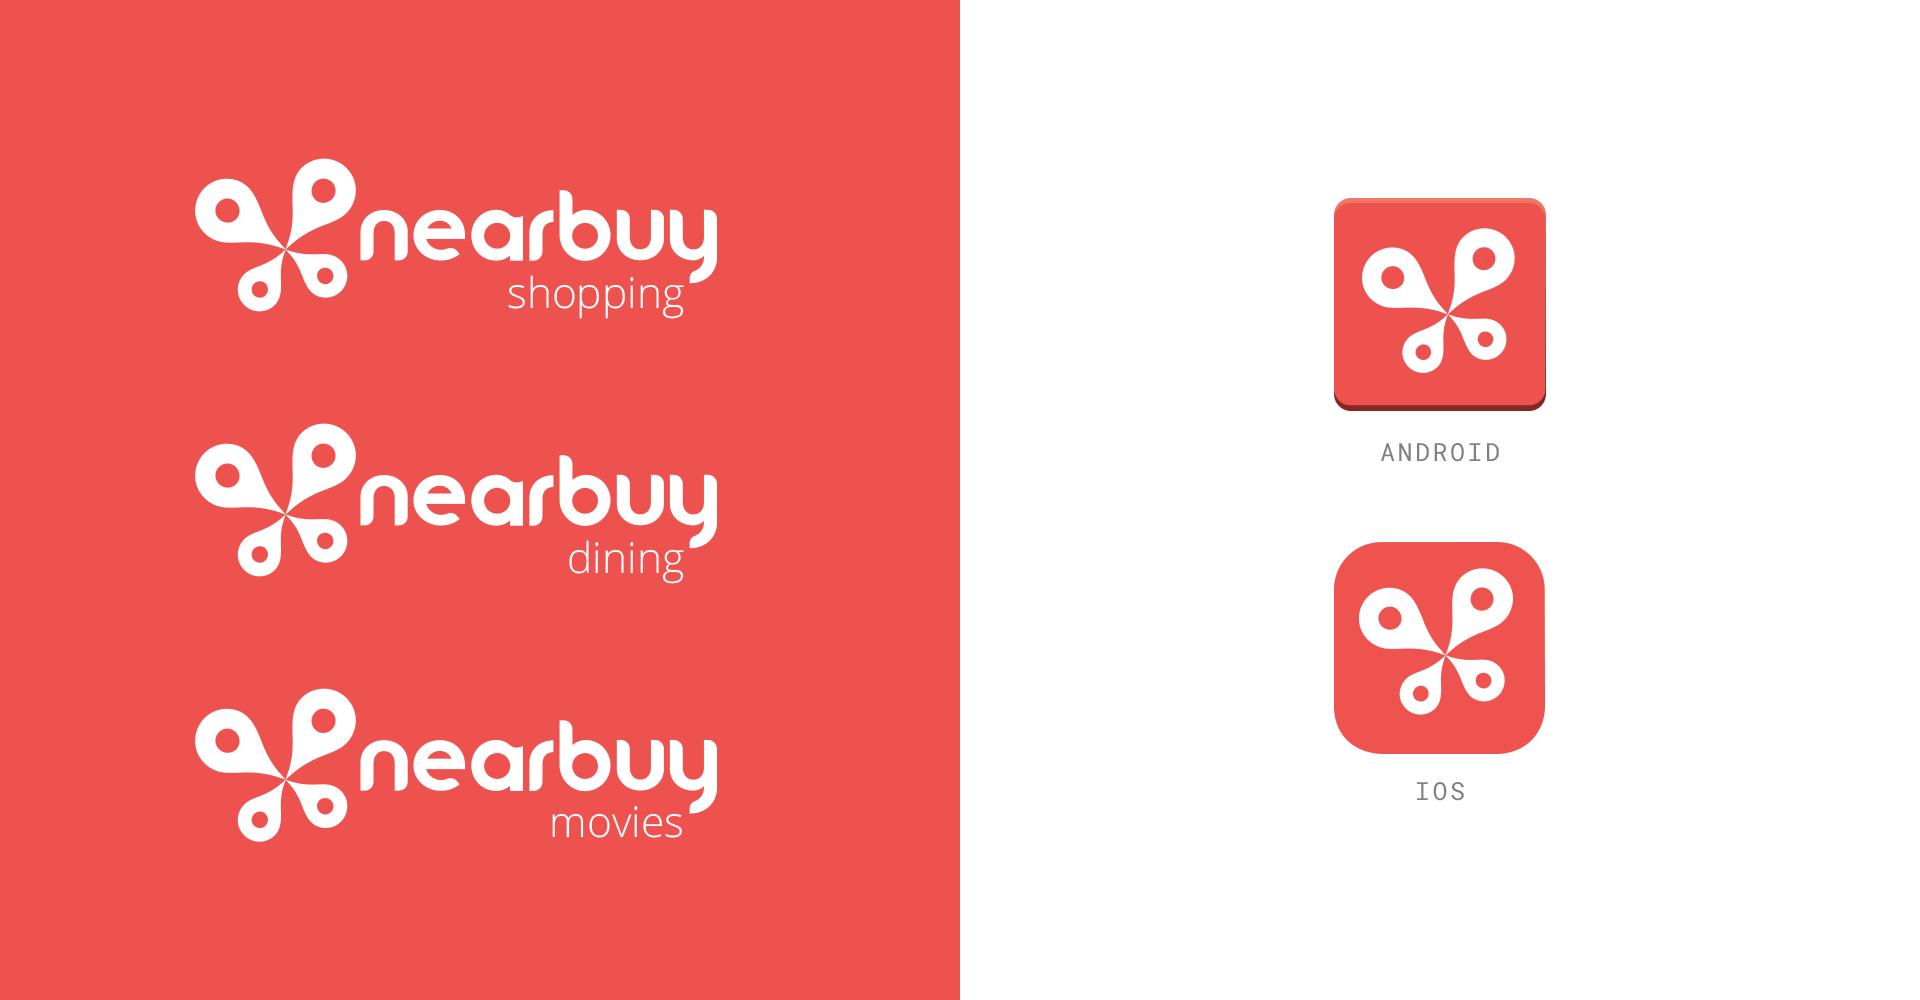 06 nearbuy app icons